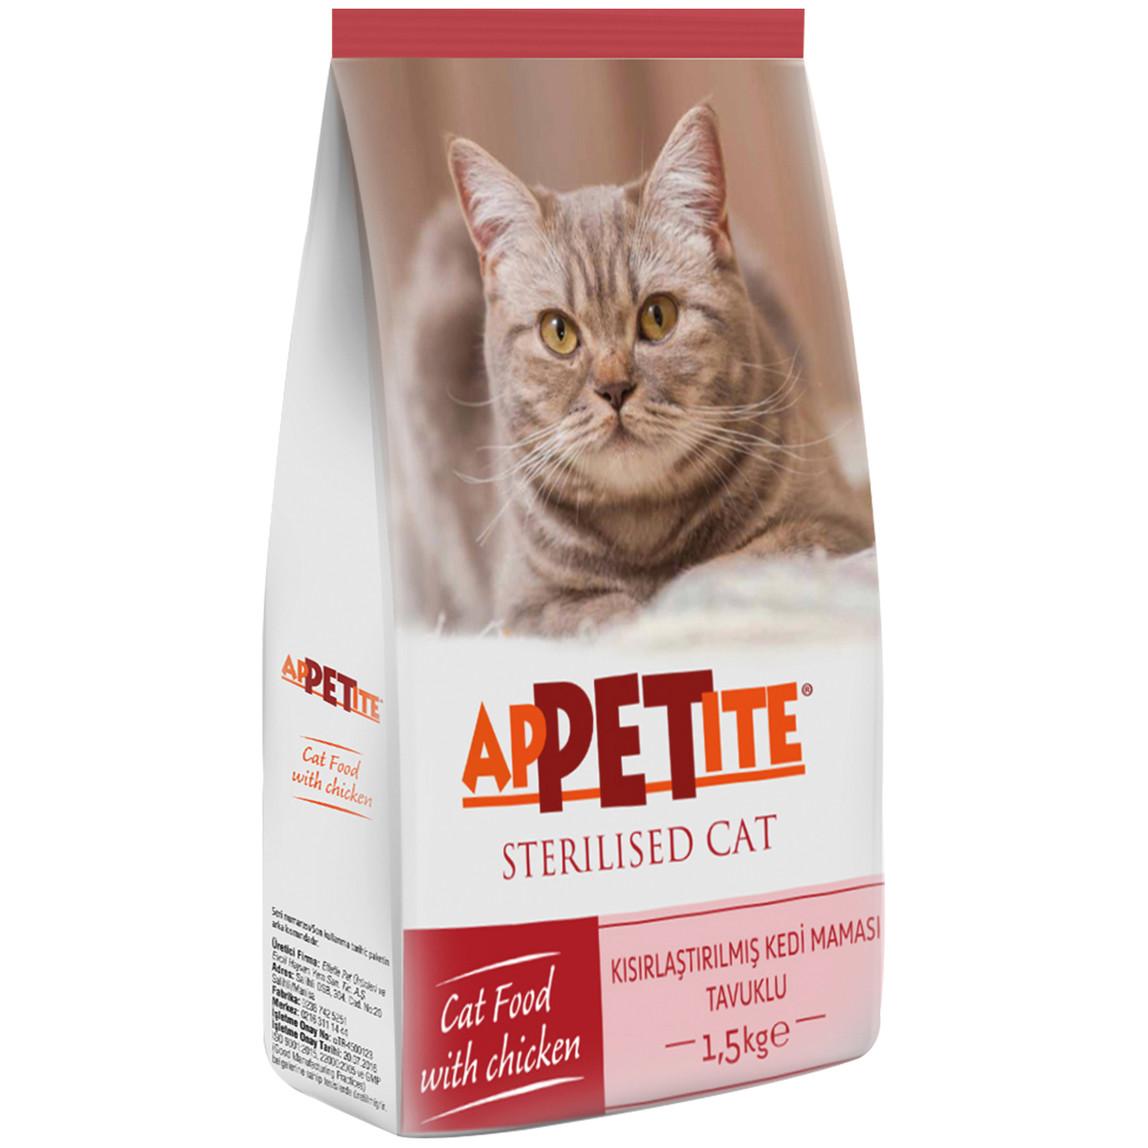 1,5Kg Kısırlaştırılmış Kedi Maması